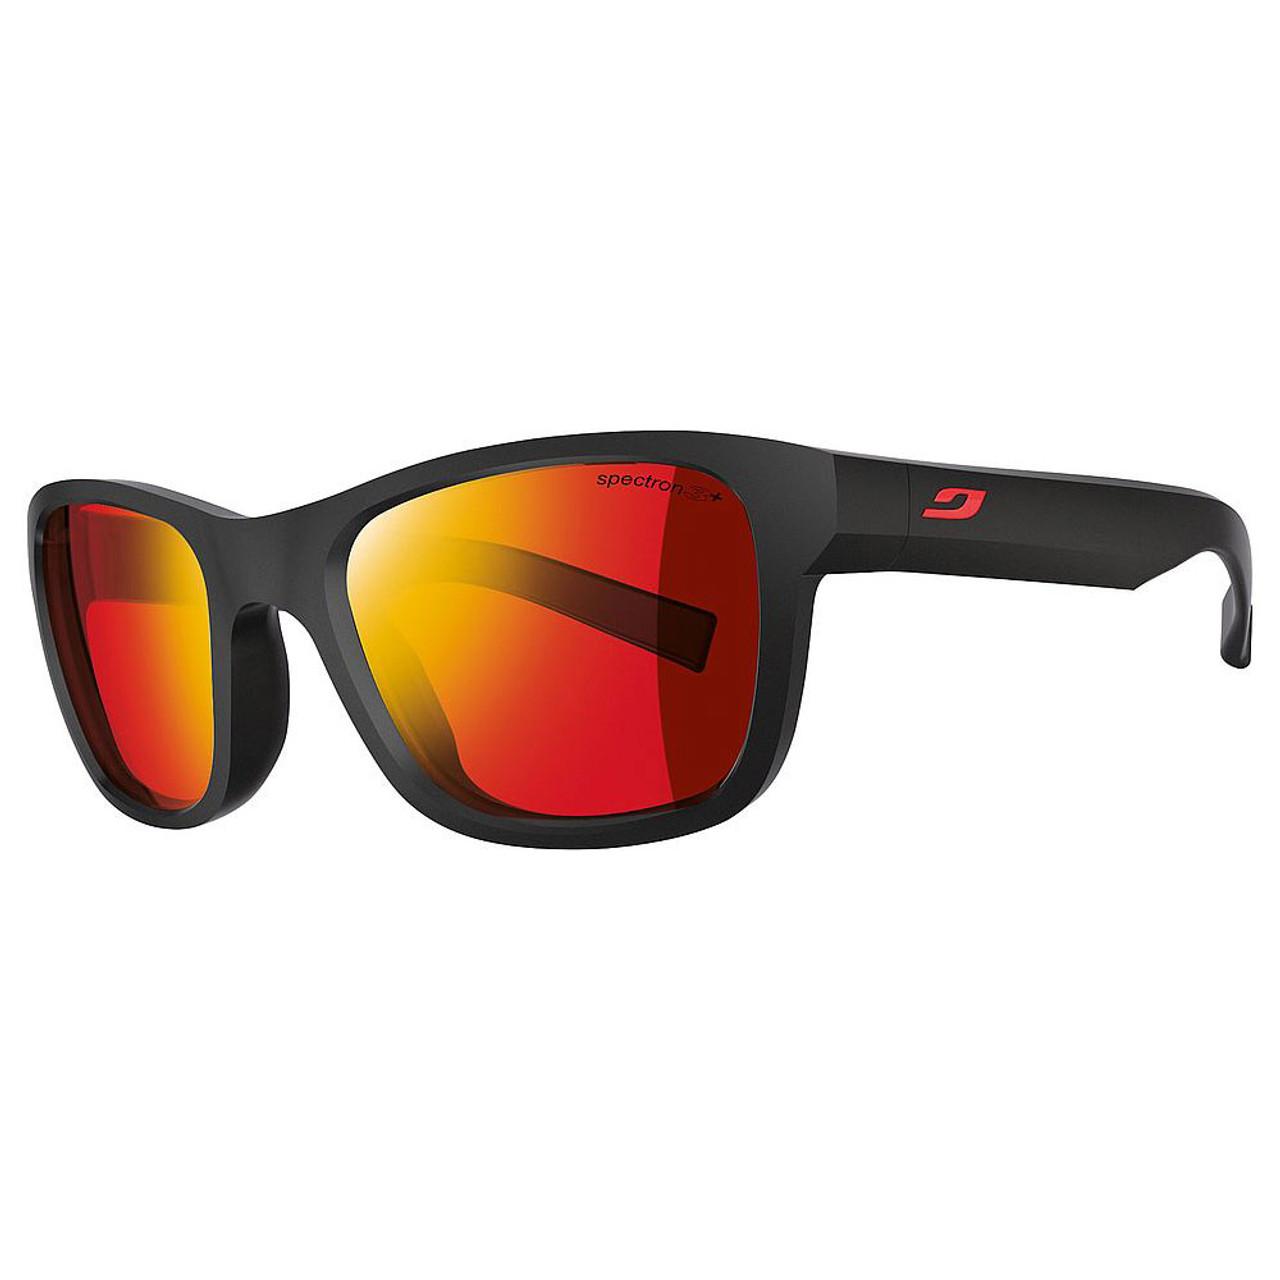 7991b6e976534 Julbo Reach Matt Black Sunglasses